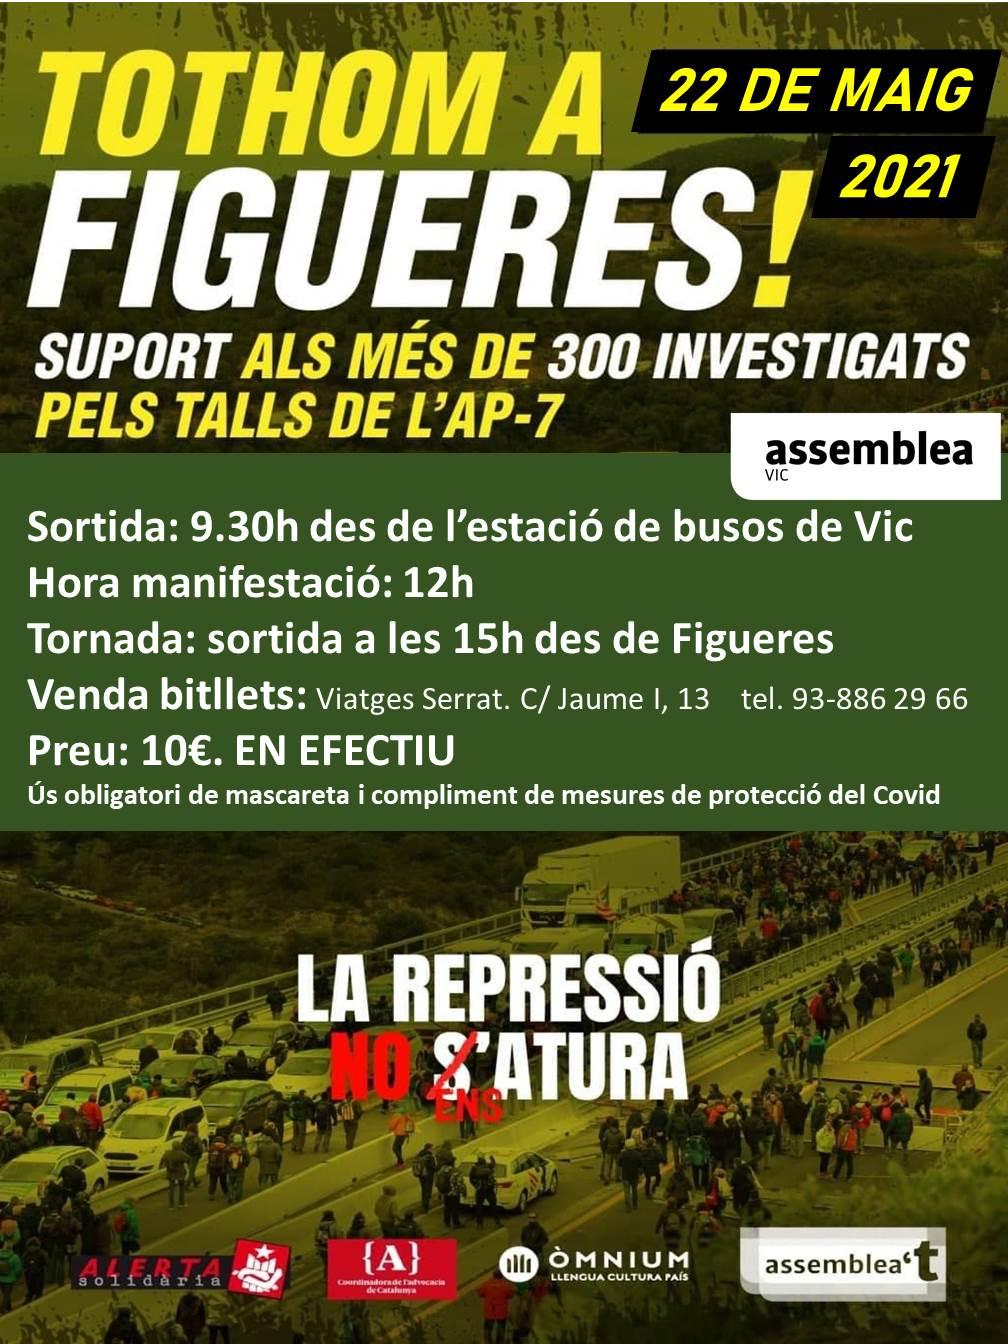 Bus des de Vic a Figueres 22 de maig